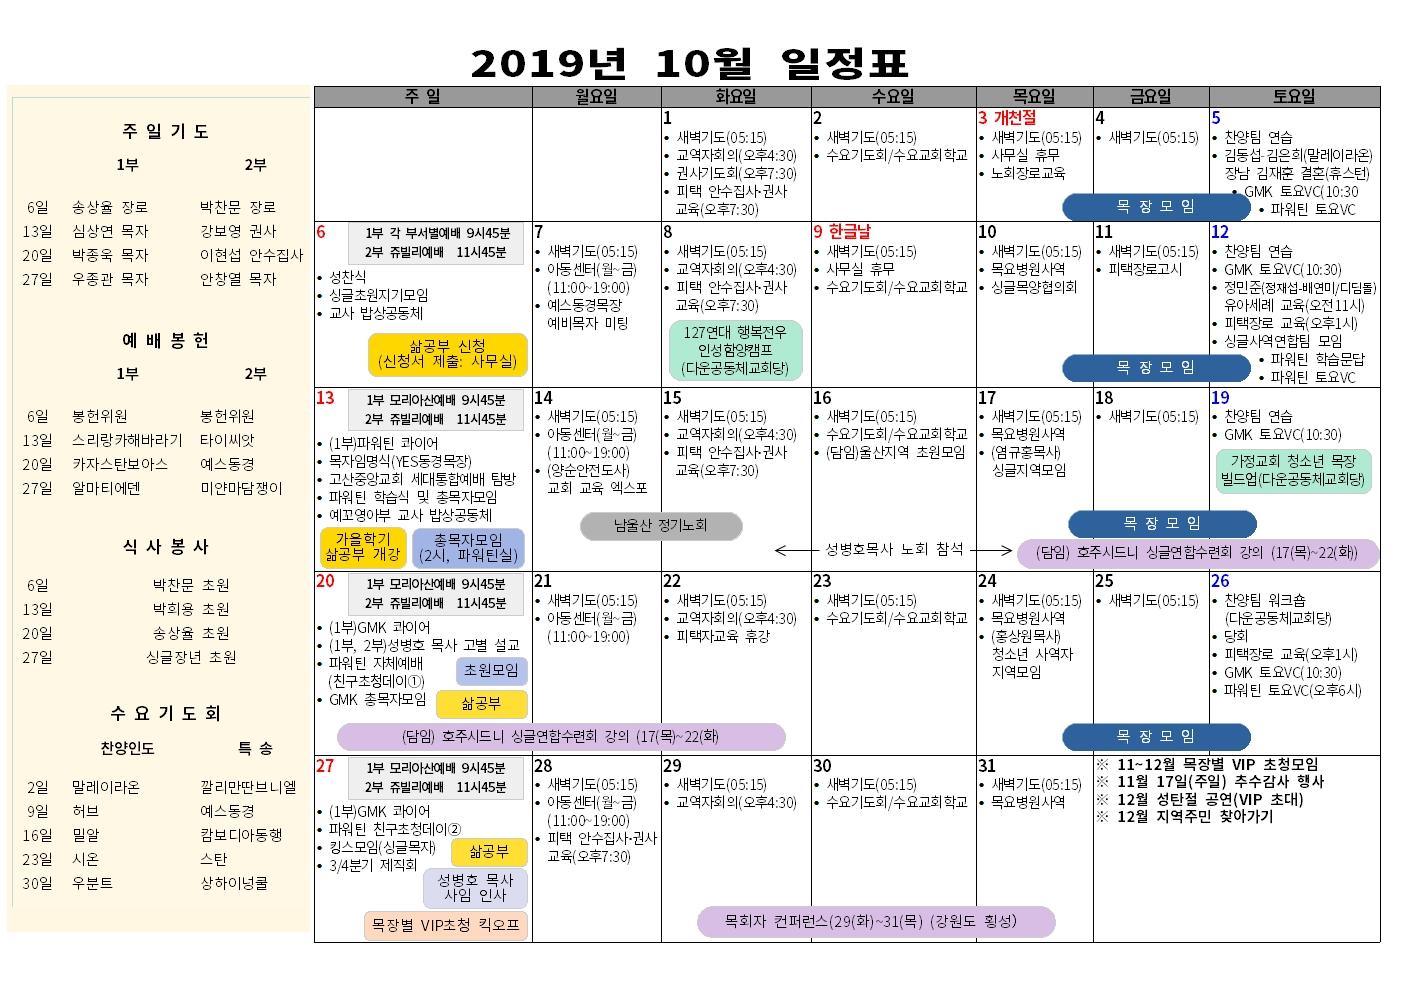 월간일정표_2019년01월_12월011.jpg